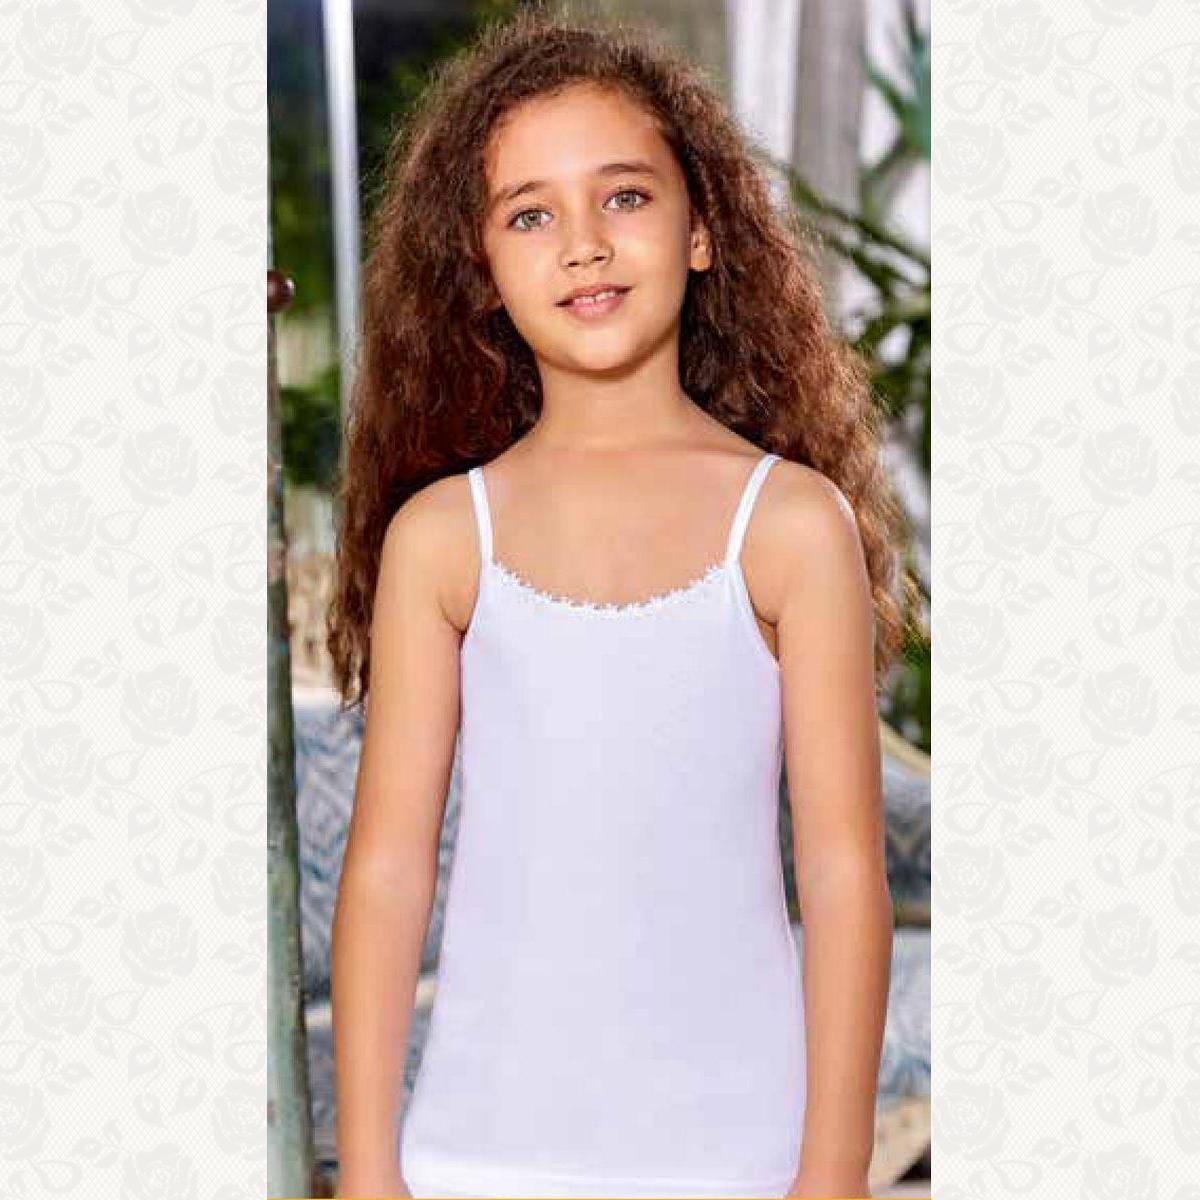 Майка для девочек размер от 1 до 3, цвет белый, 6 шт.